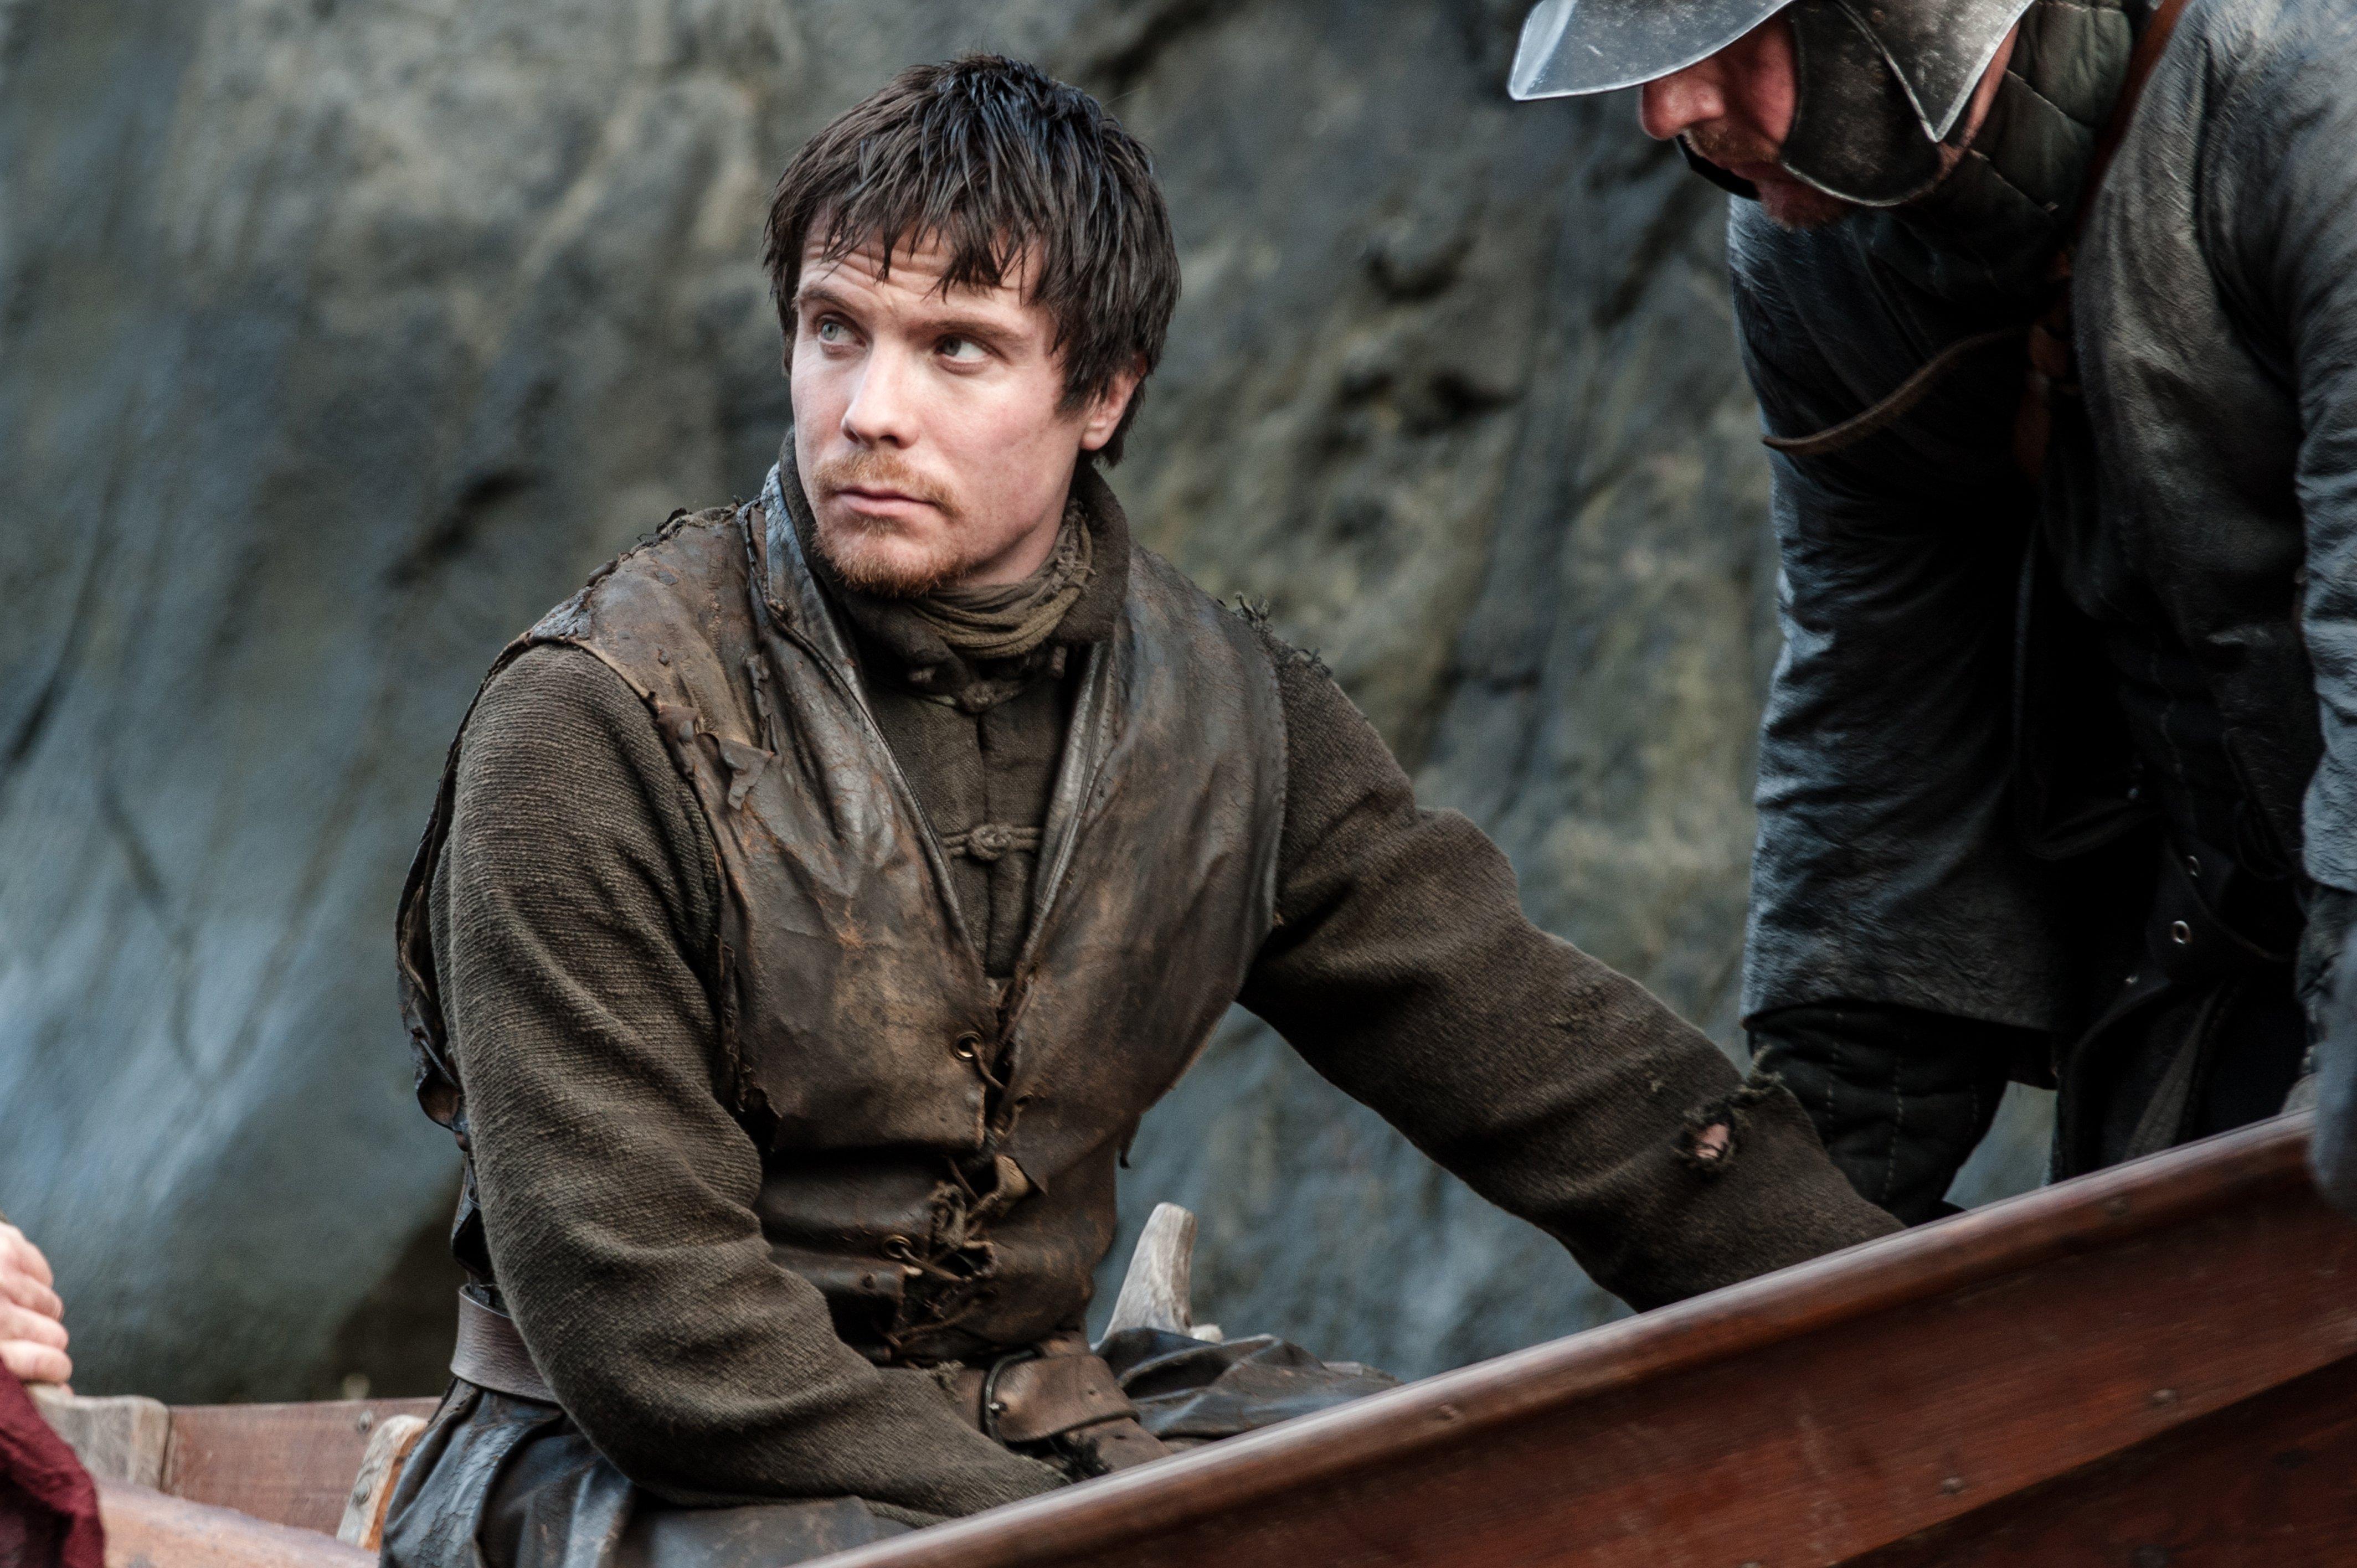 """Personaje """"desaparecido"""" de Game of Thrones haría inesperado regreso en séptima temporada"""